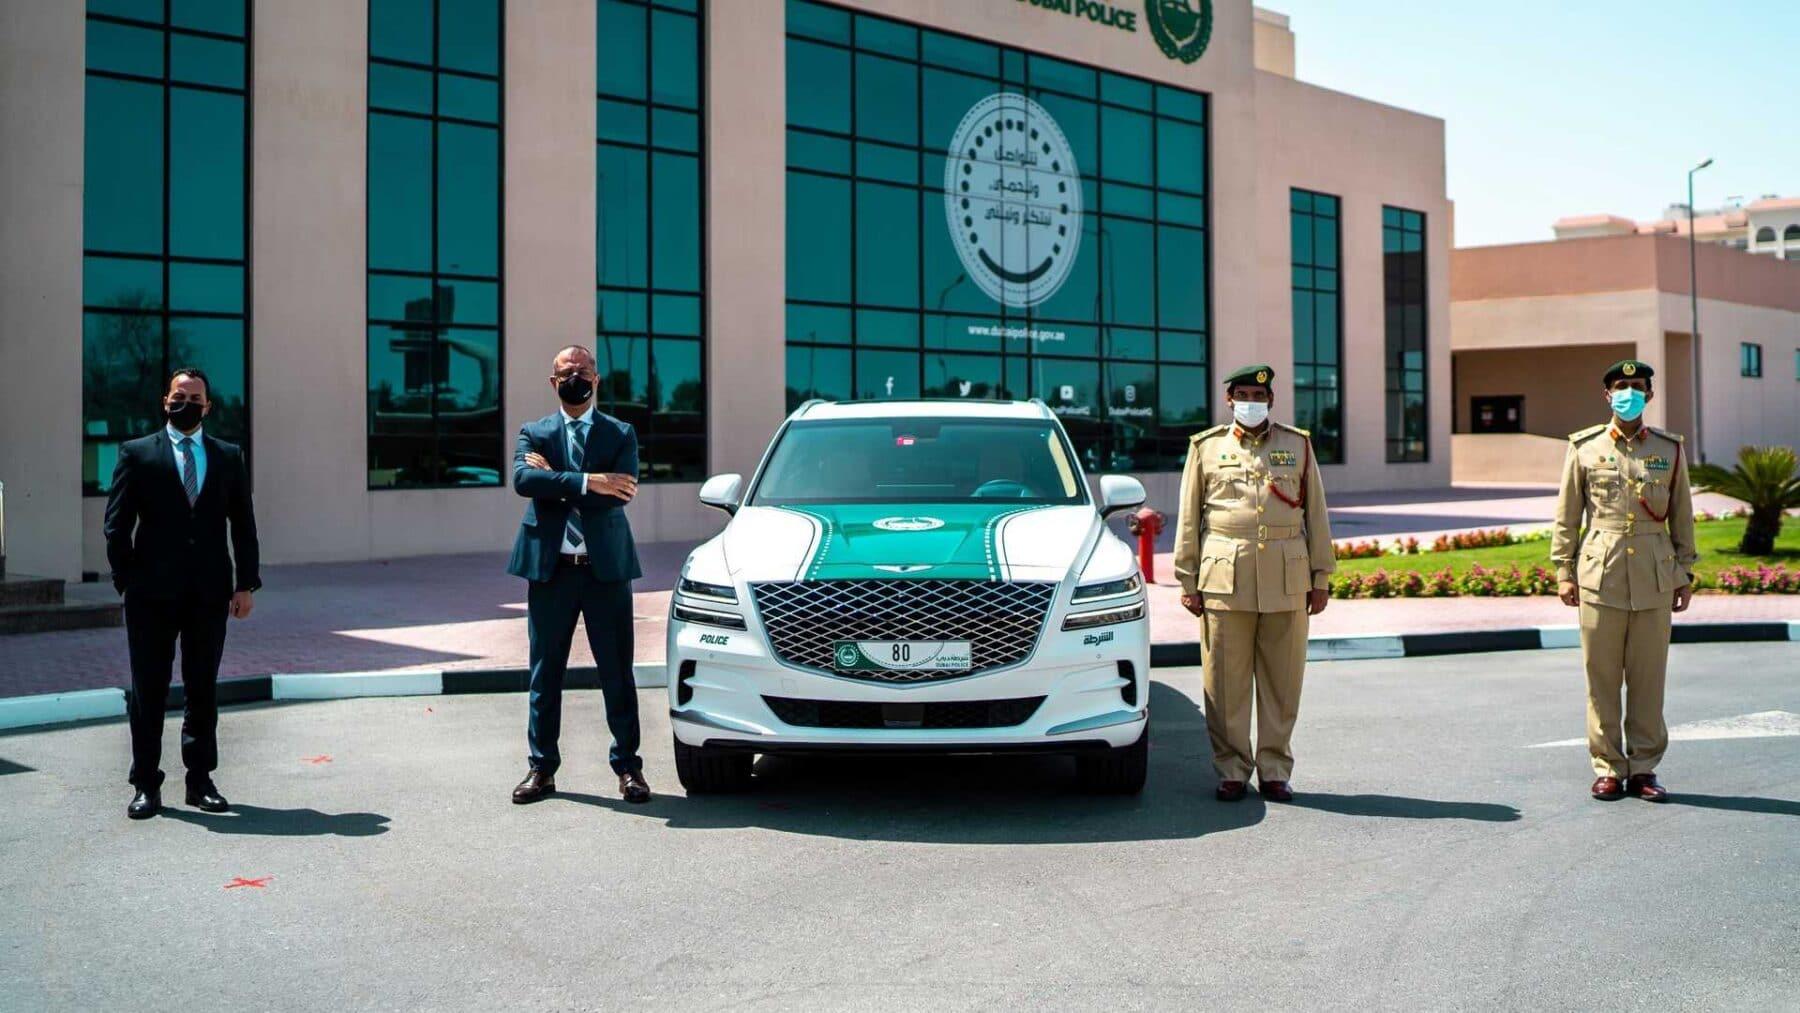 El Genesis GV80 es el nuevo coche patrulla de Dubái